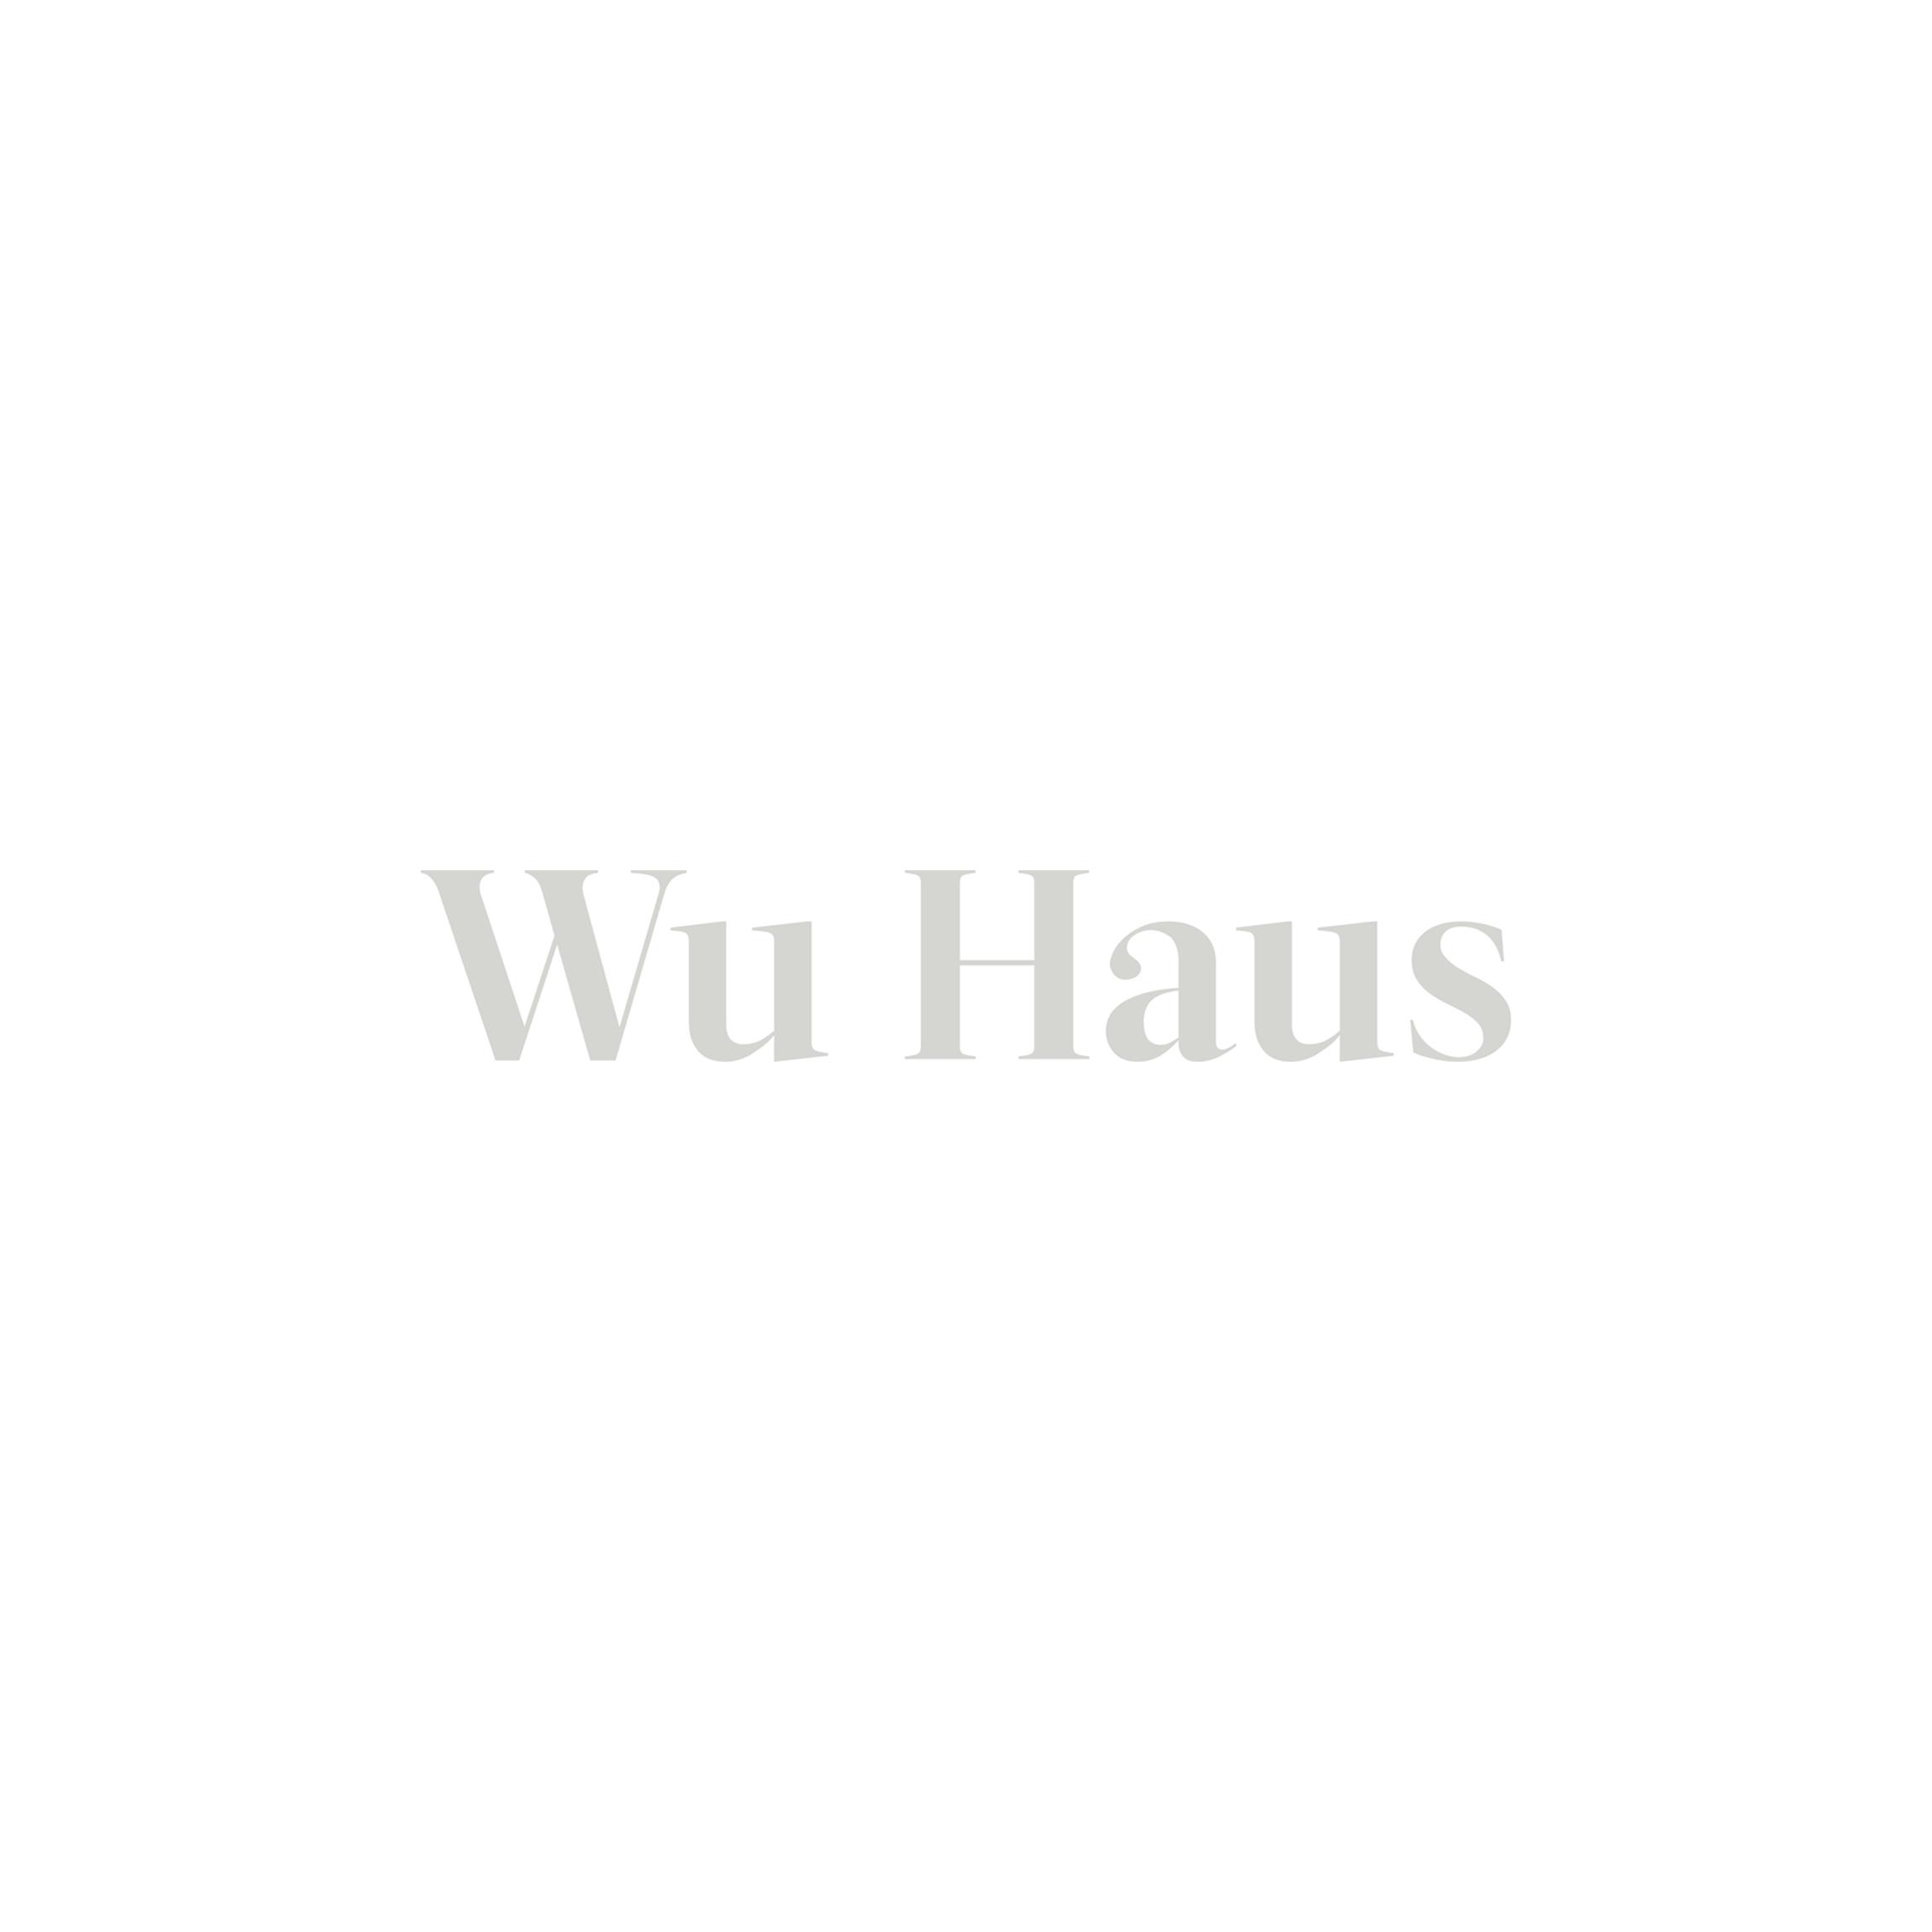 Wu.jpg